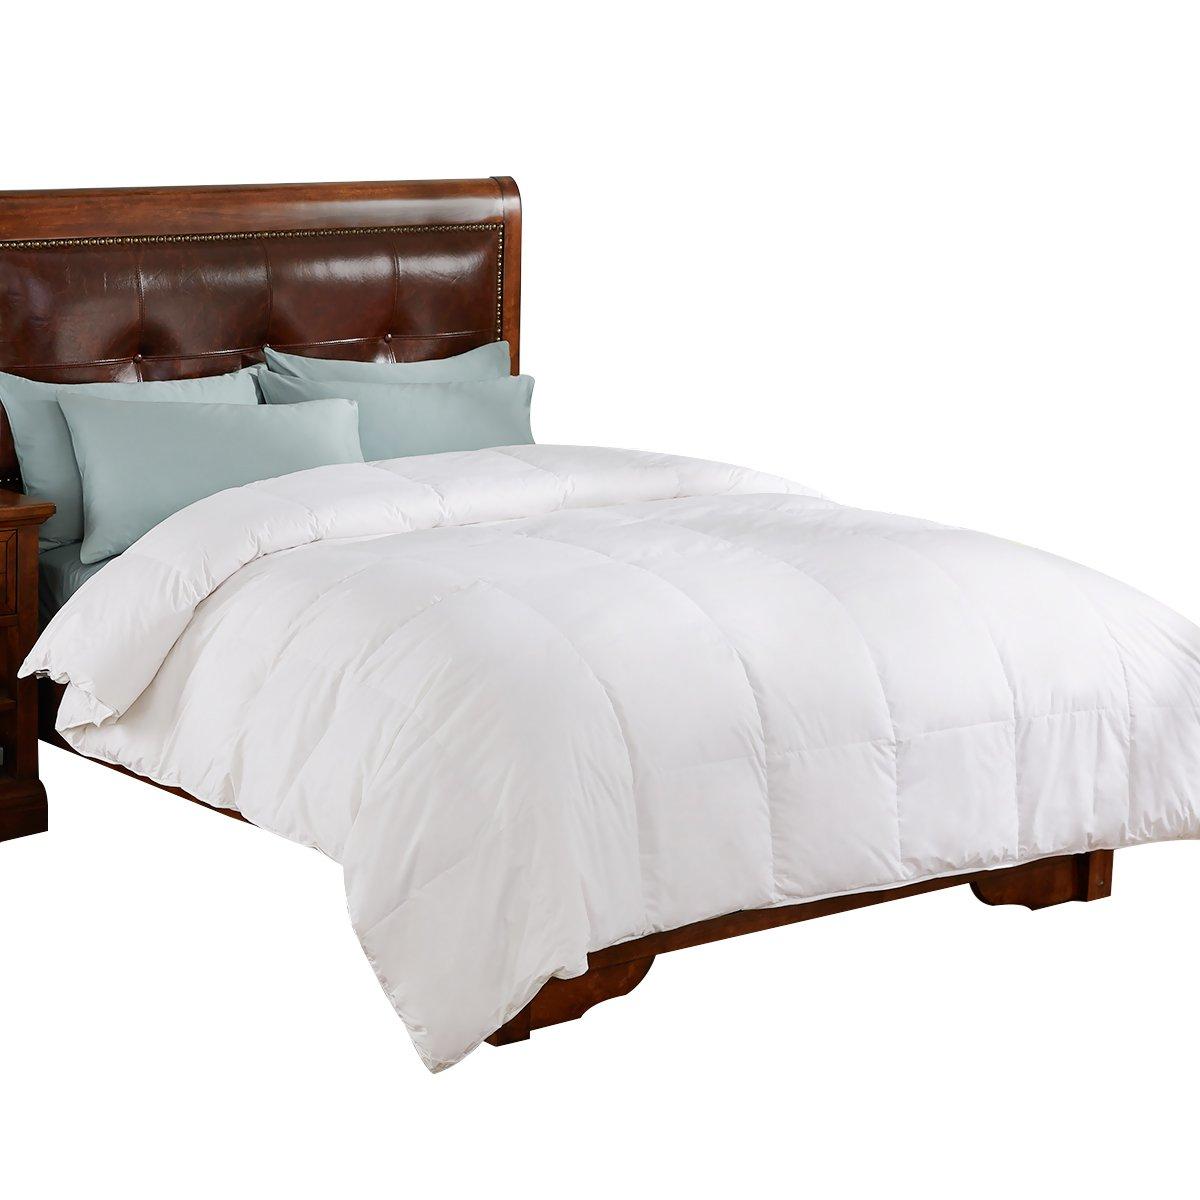 Peace Nest All Season White Down Comforter Duvet Insert